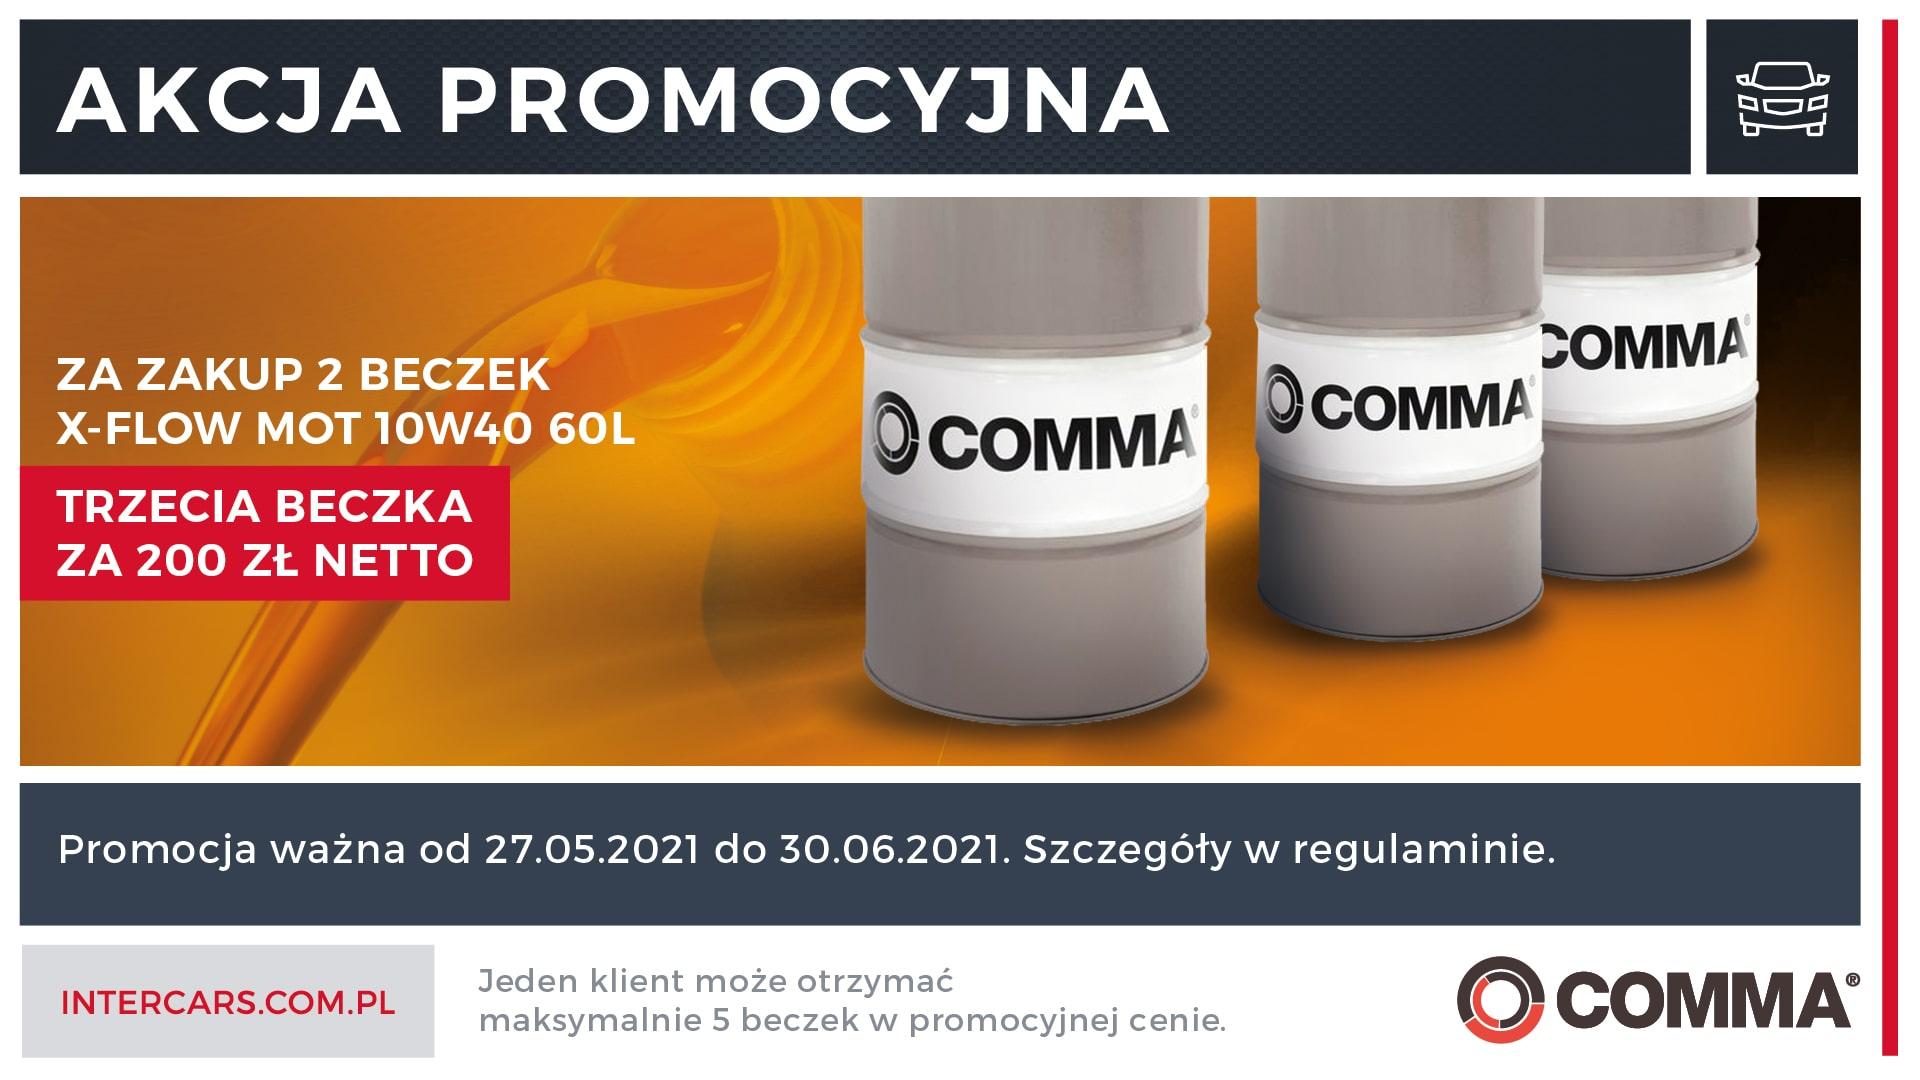 promocja_comma_zazakup_beczek_xflow_trzecia_beczka_za200zl_1920x1080_katalog-min.jpg